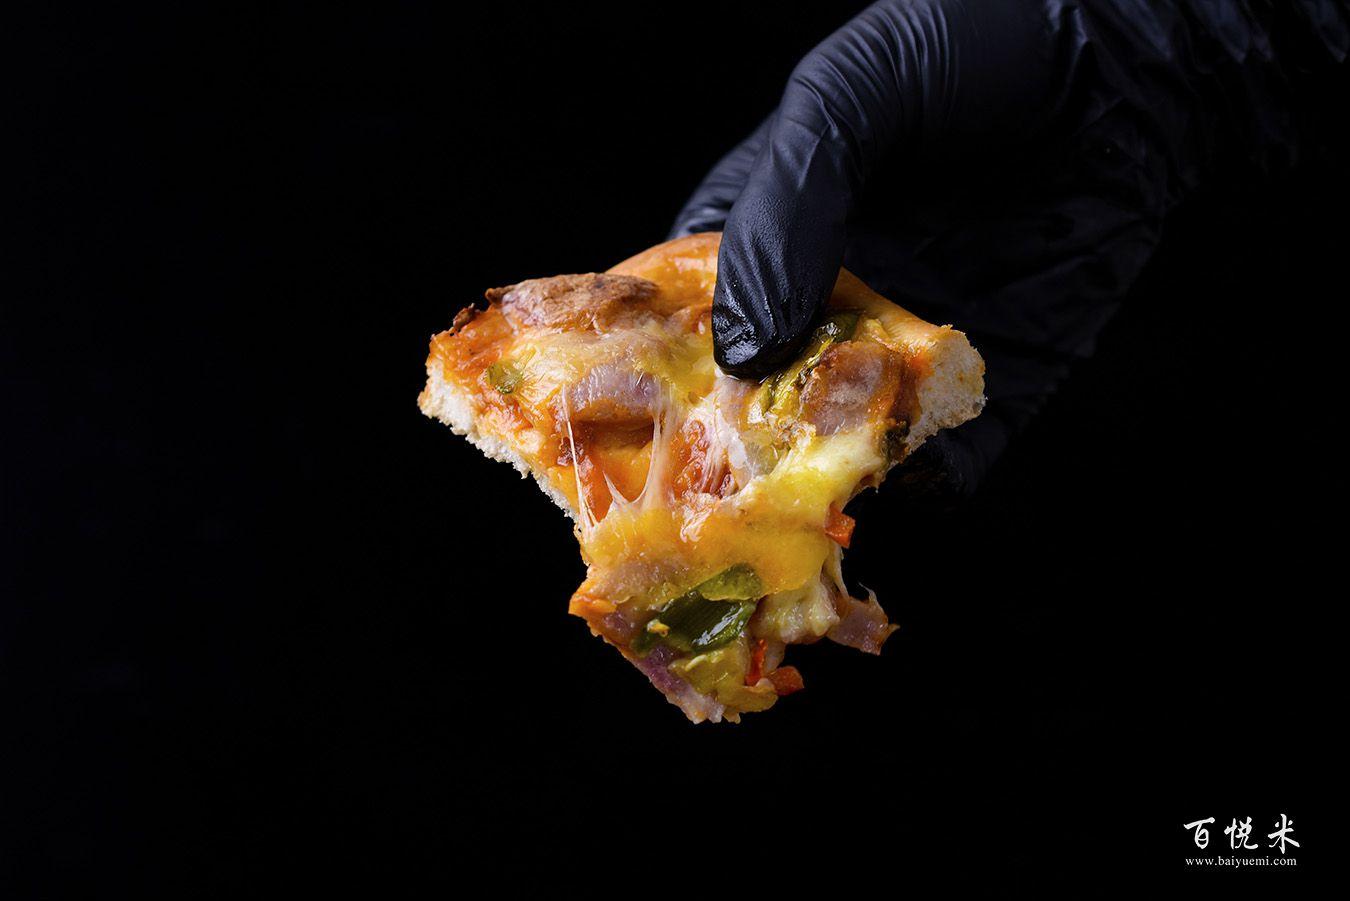 脆肠披萨高清图片大全【蛋糕图片】_1187